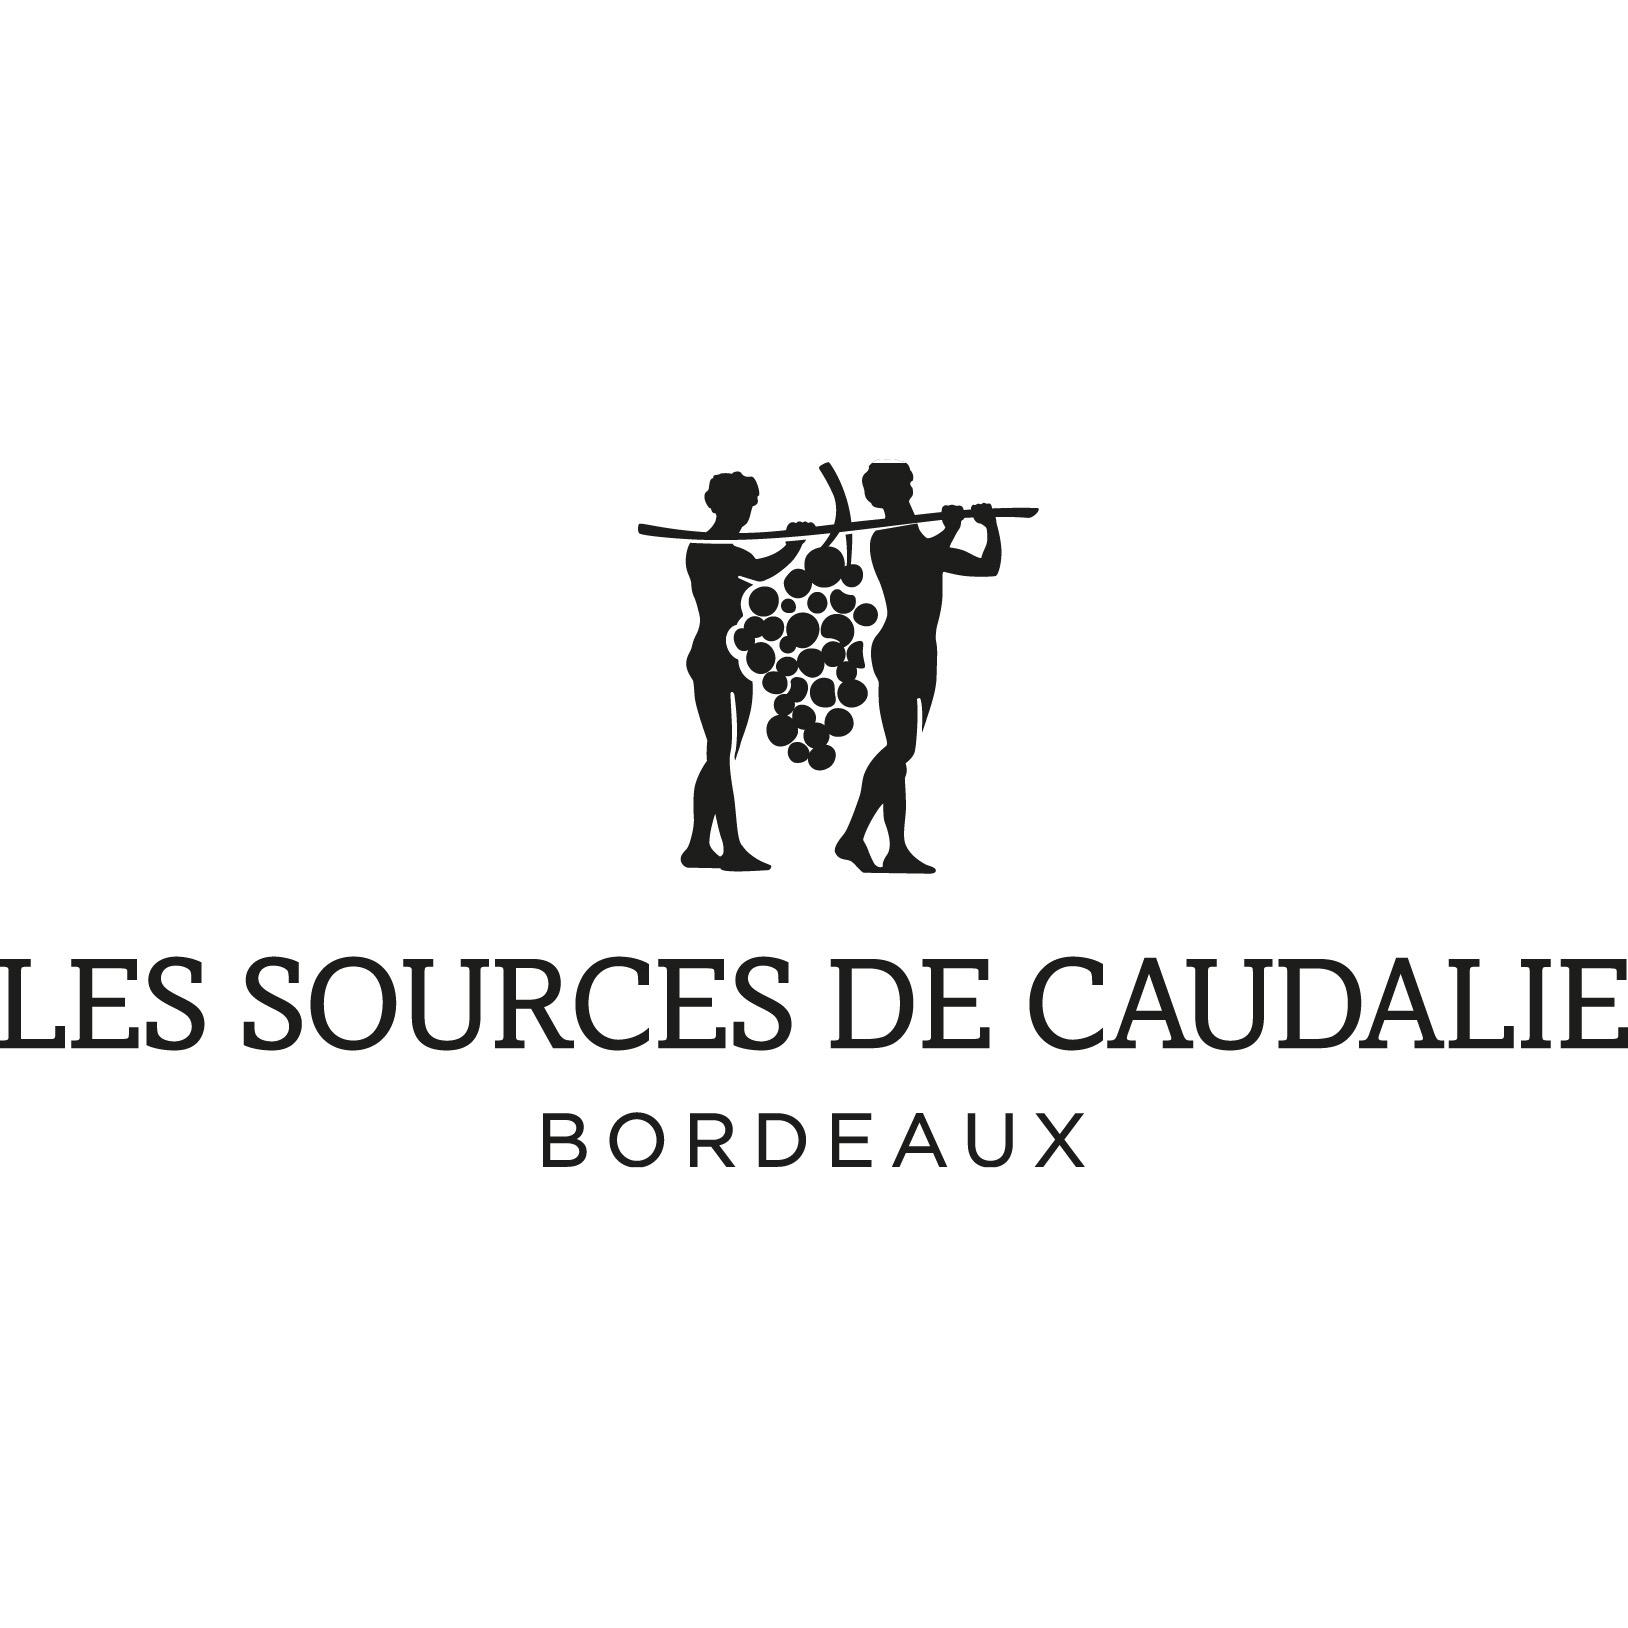 """Résultat de recherche d'images pour """"logo sources de caudalie"""""""